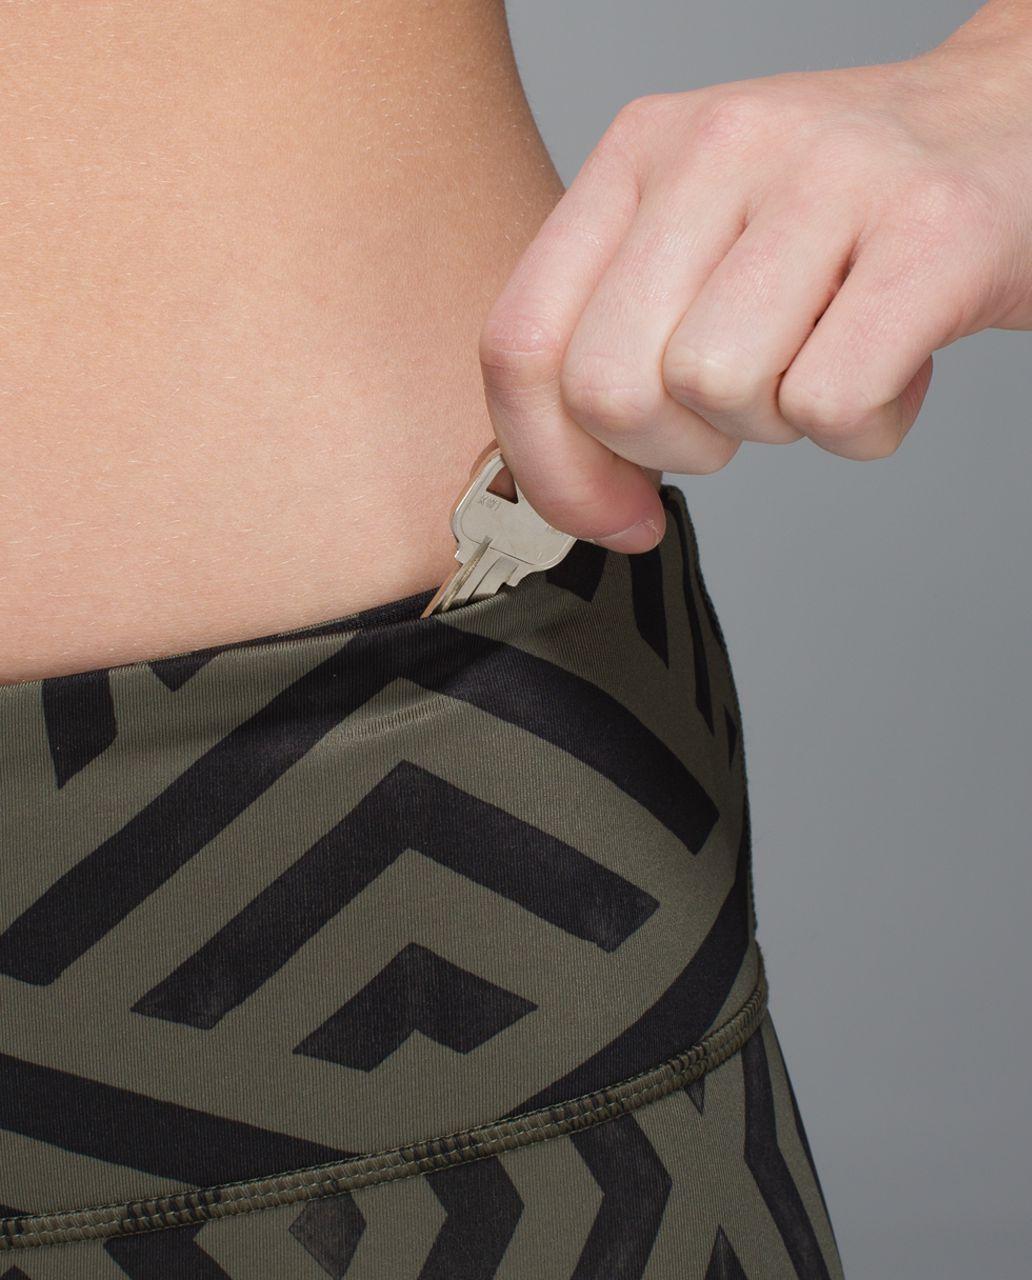 Lululemon Wunder Under Pant *Full-On Luxtreme - Chevron Shuffle Fatigue Green Black